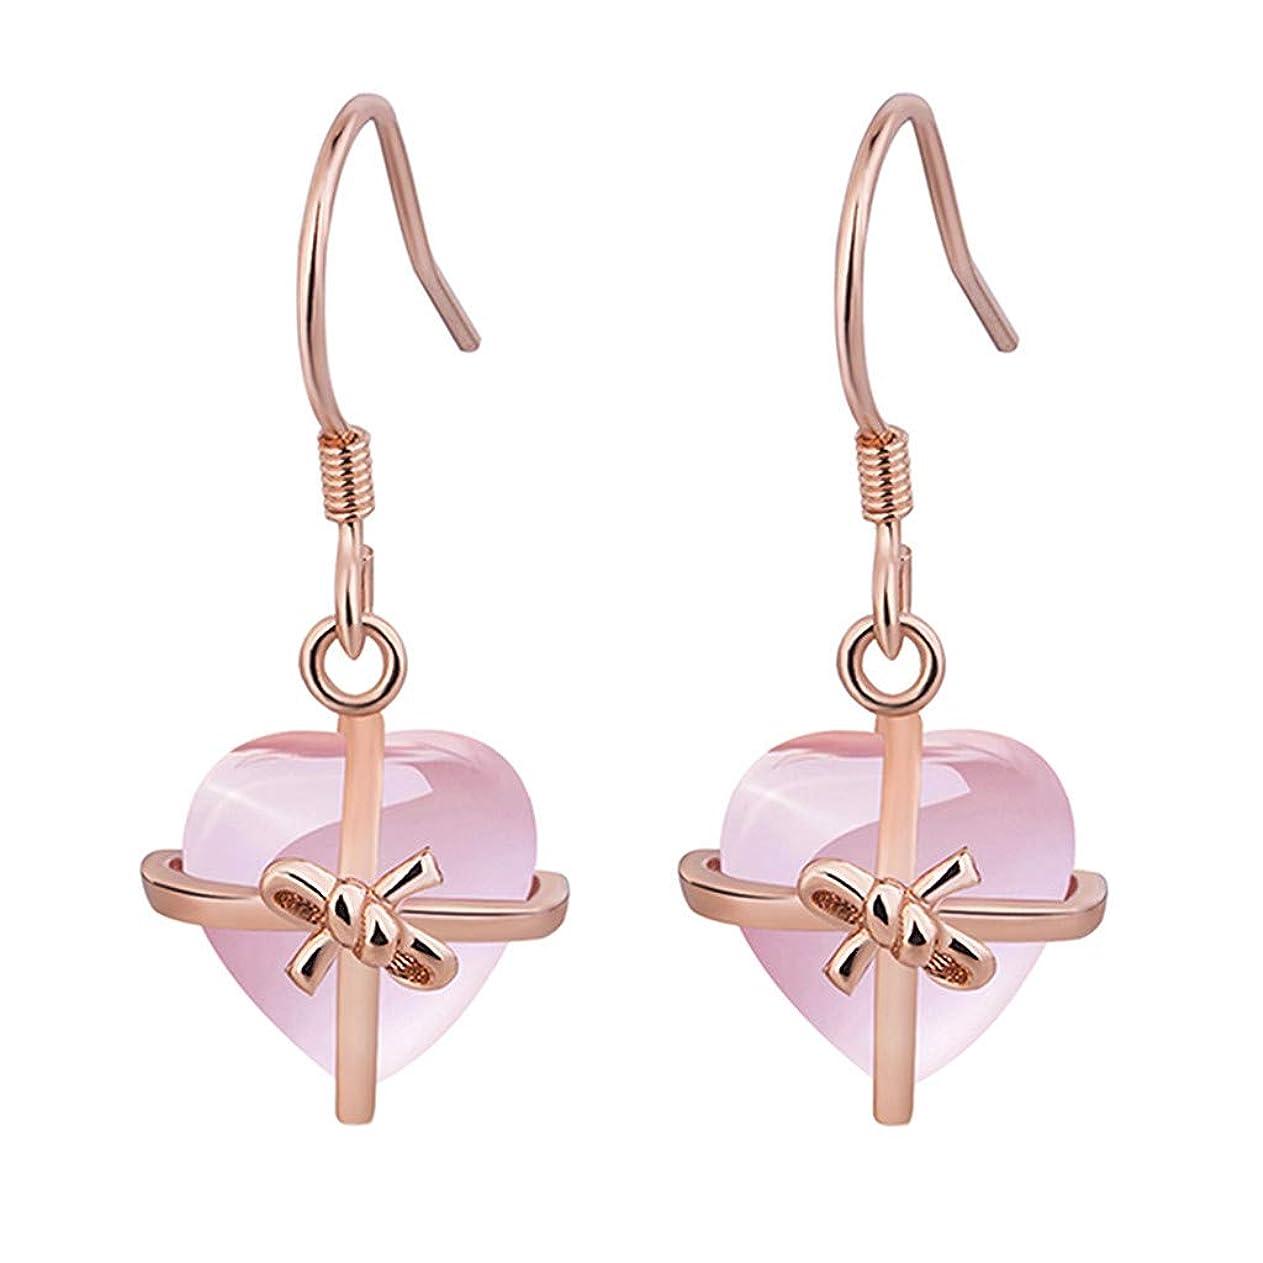 どんなときも故障悪魔Nicircle 女性ナチュラルハートピンクローズ925スタンダードシルバージュエリーイヤリング ピンクのバラ Women Natural Heart Pink Rose 925 Standard Silver Jewelry Earrings